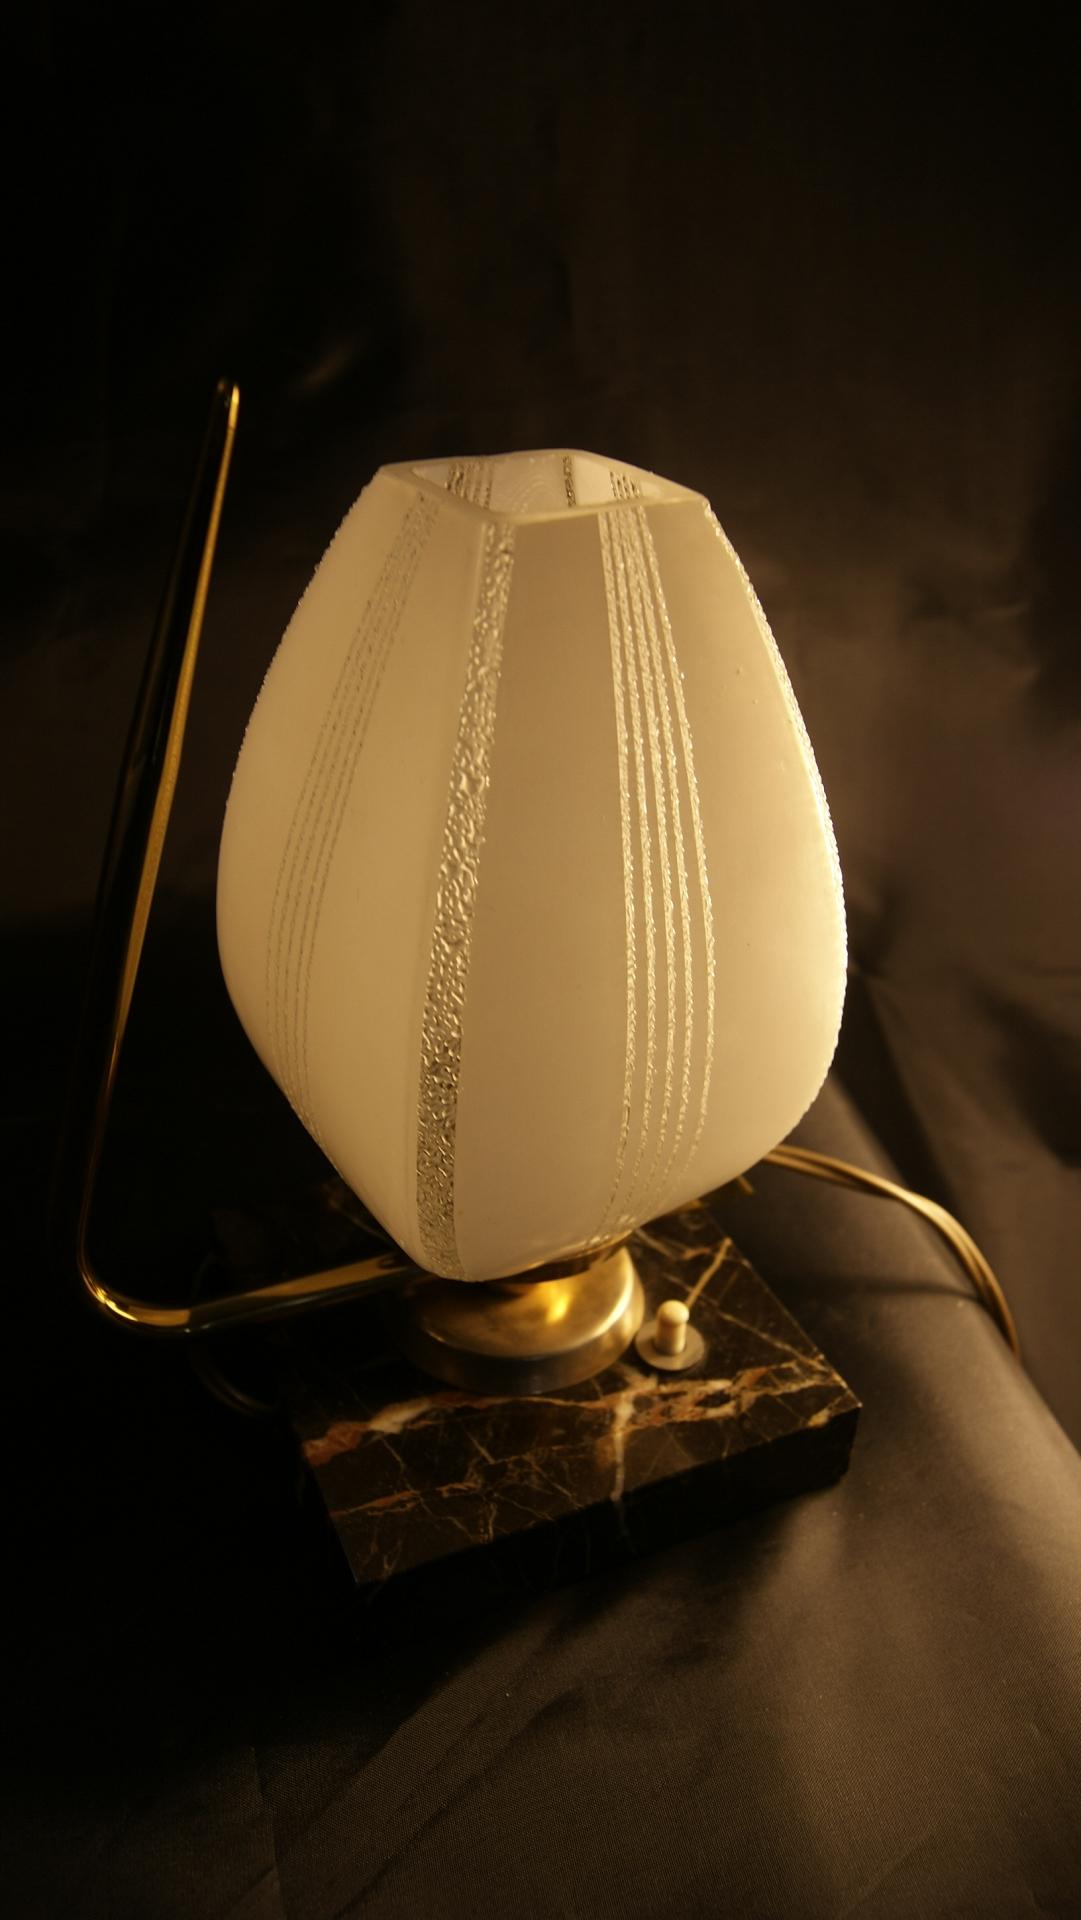 Lampe de chevet art d co vintage by fabichka - Interrupteur lampe de chevet ...